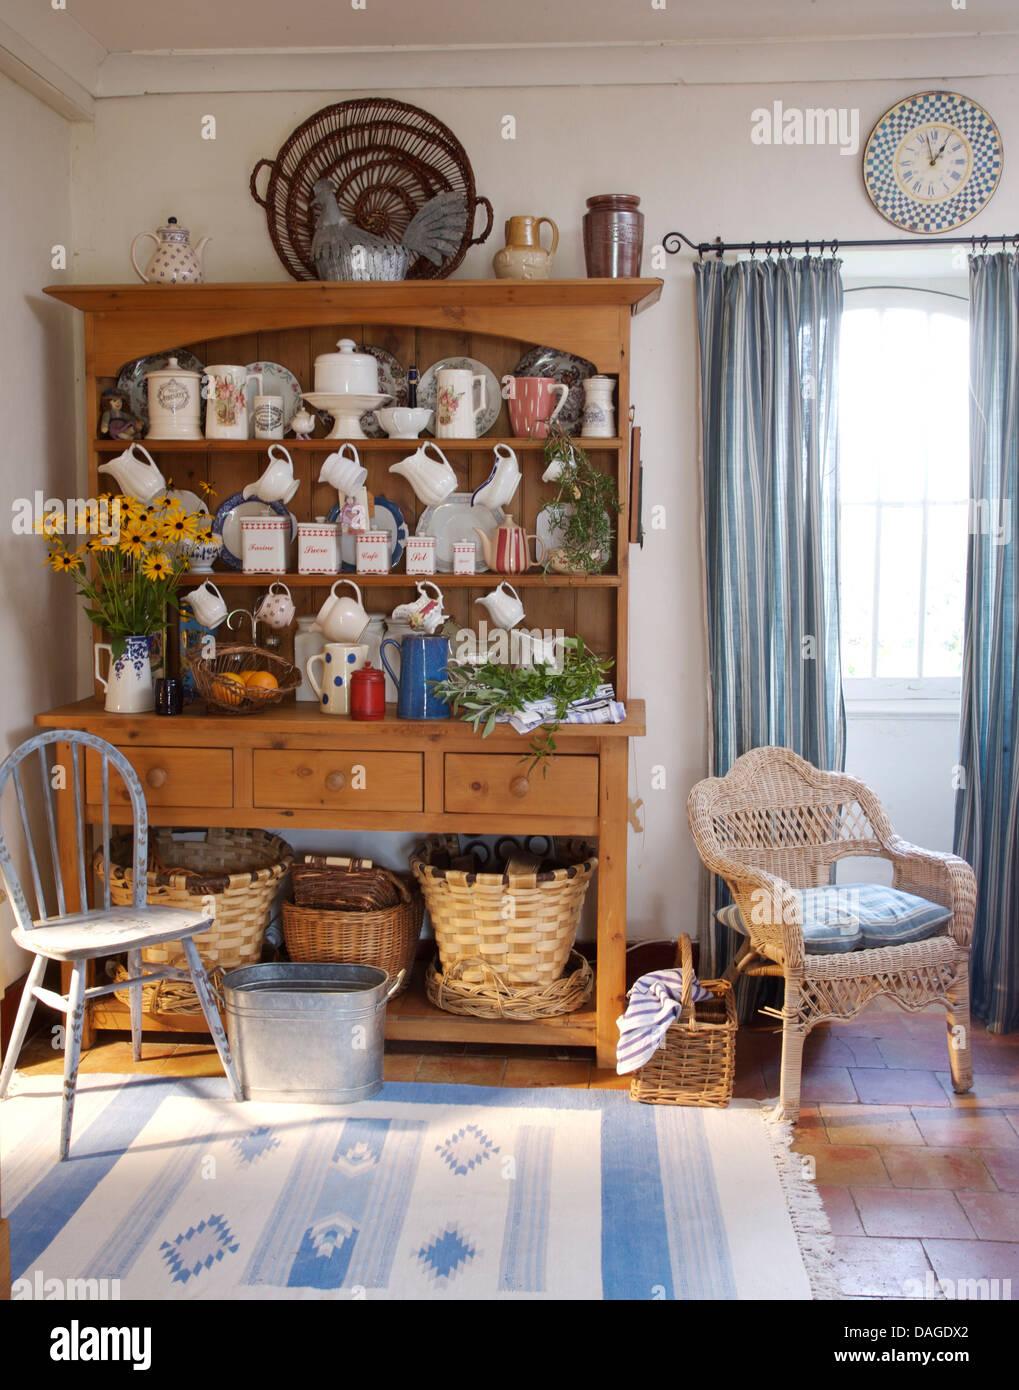 French Country Kitchen Dresser kitchen dresser stock photos & kitchen dresser stock images - alamy